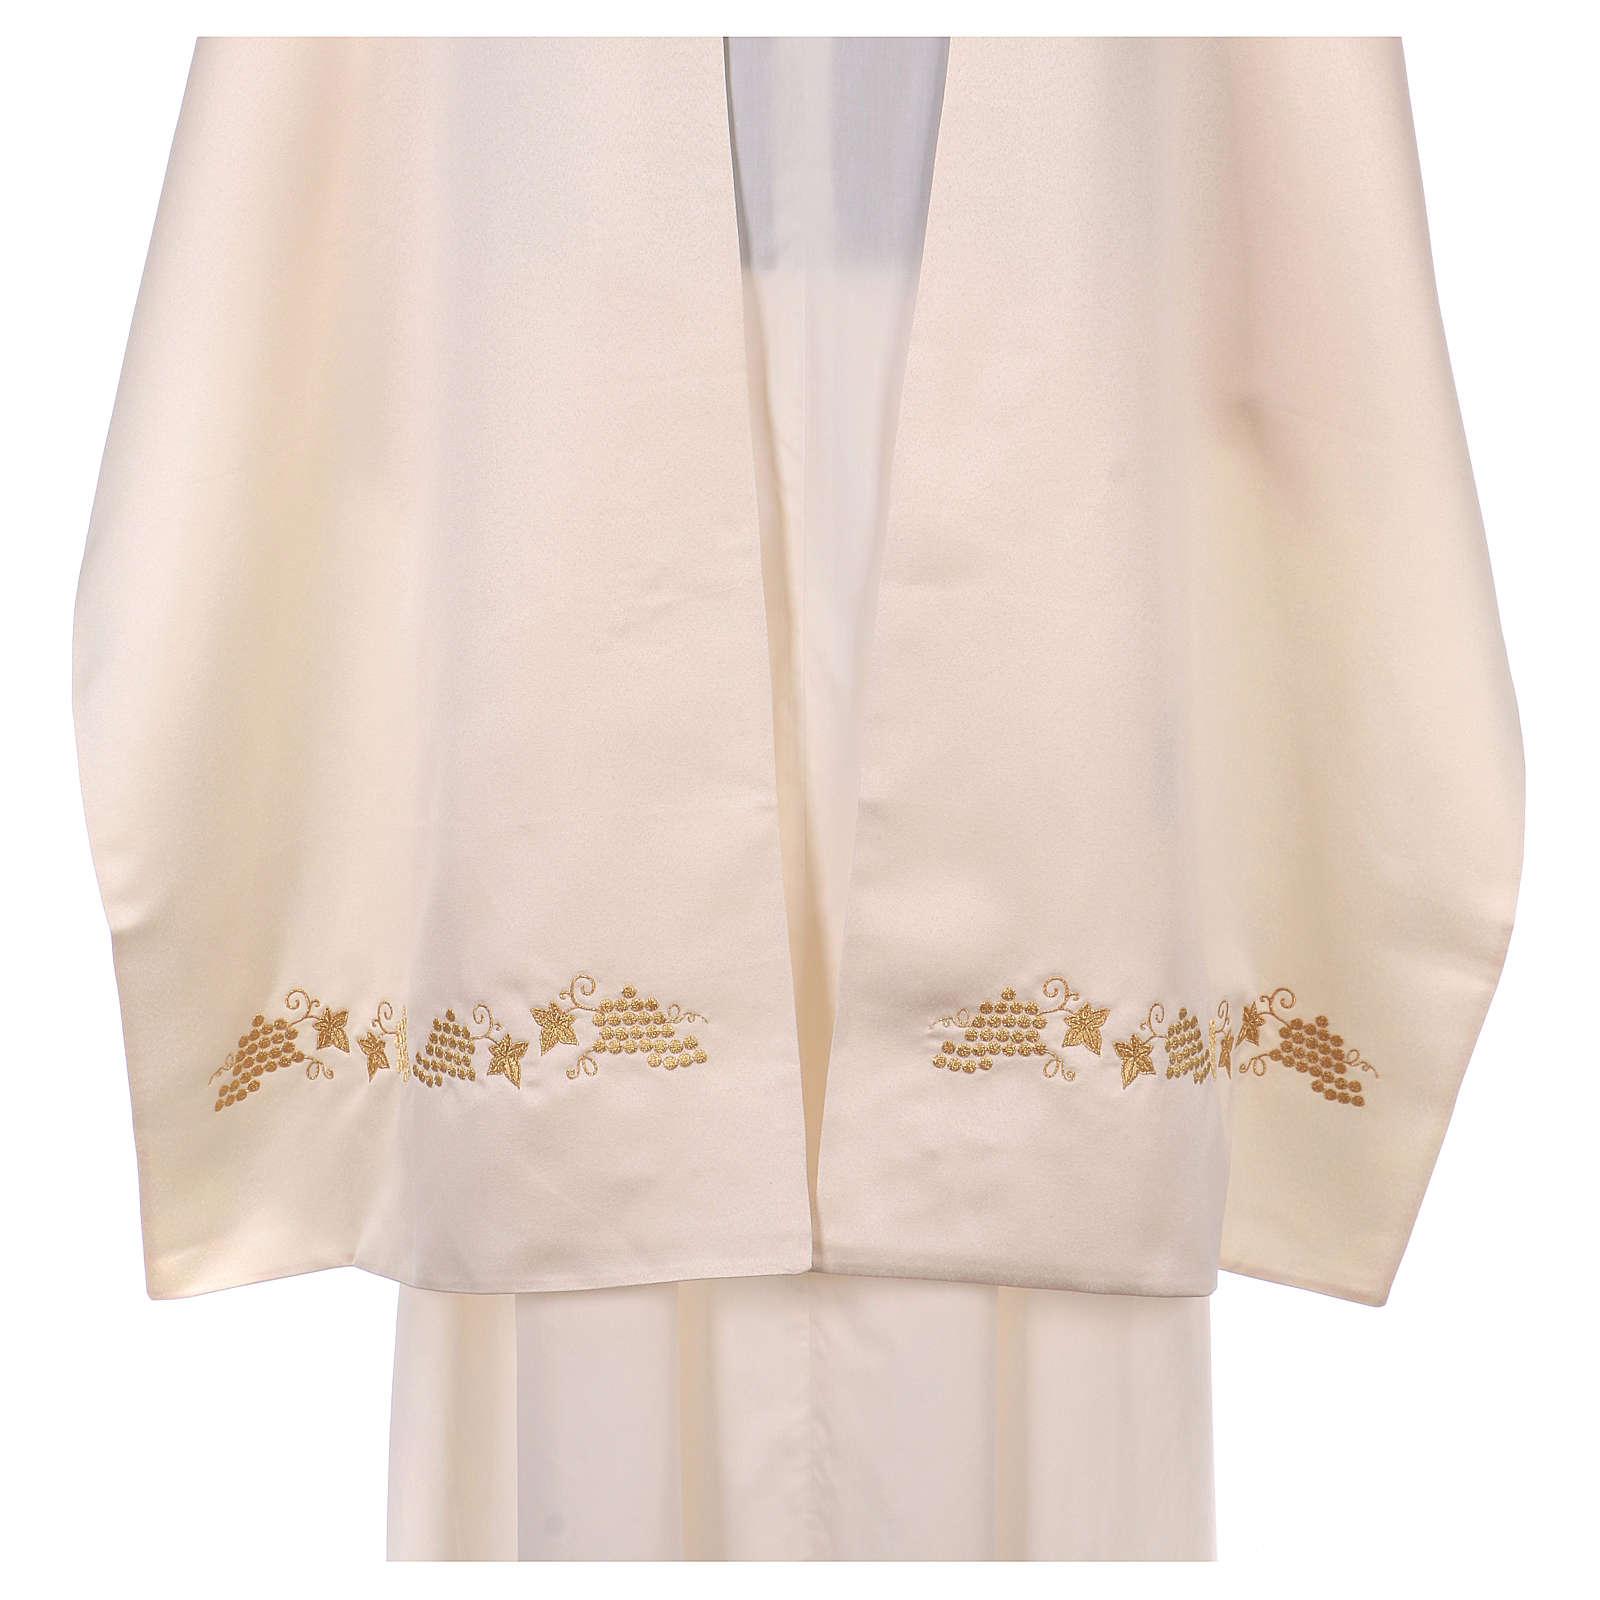 Véu umeral bordado dourado IHS com coroas 4